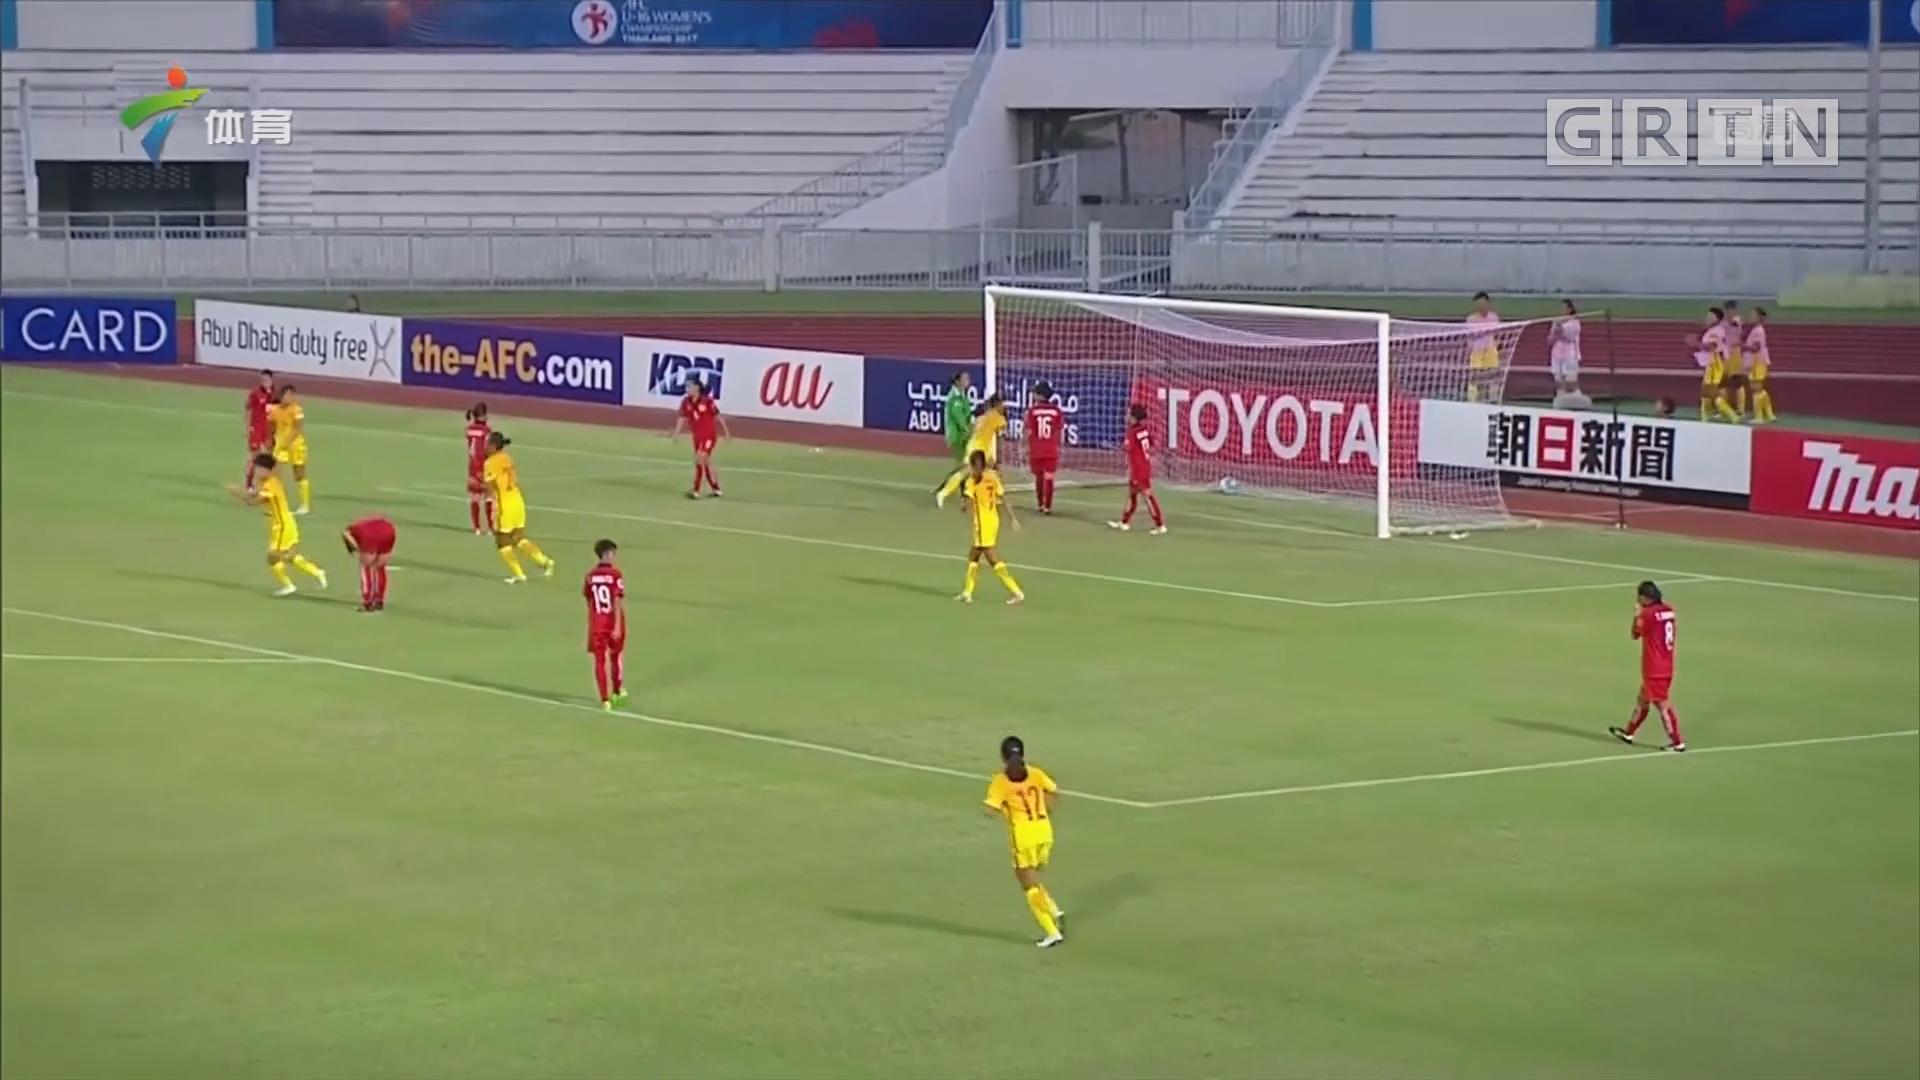 女足亚少赛 中国七球大胜老挝